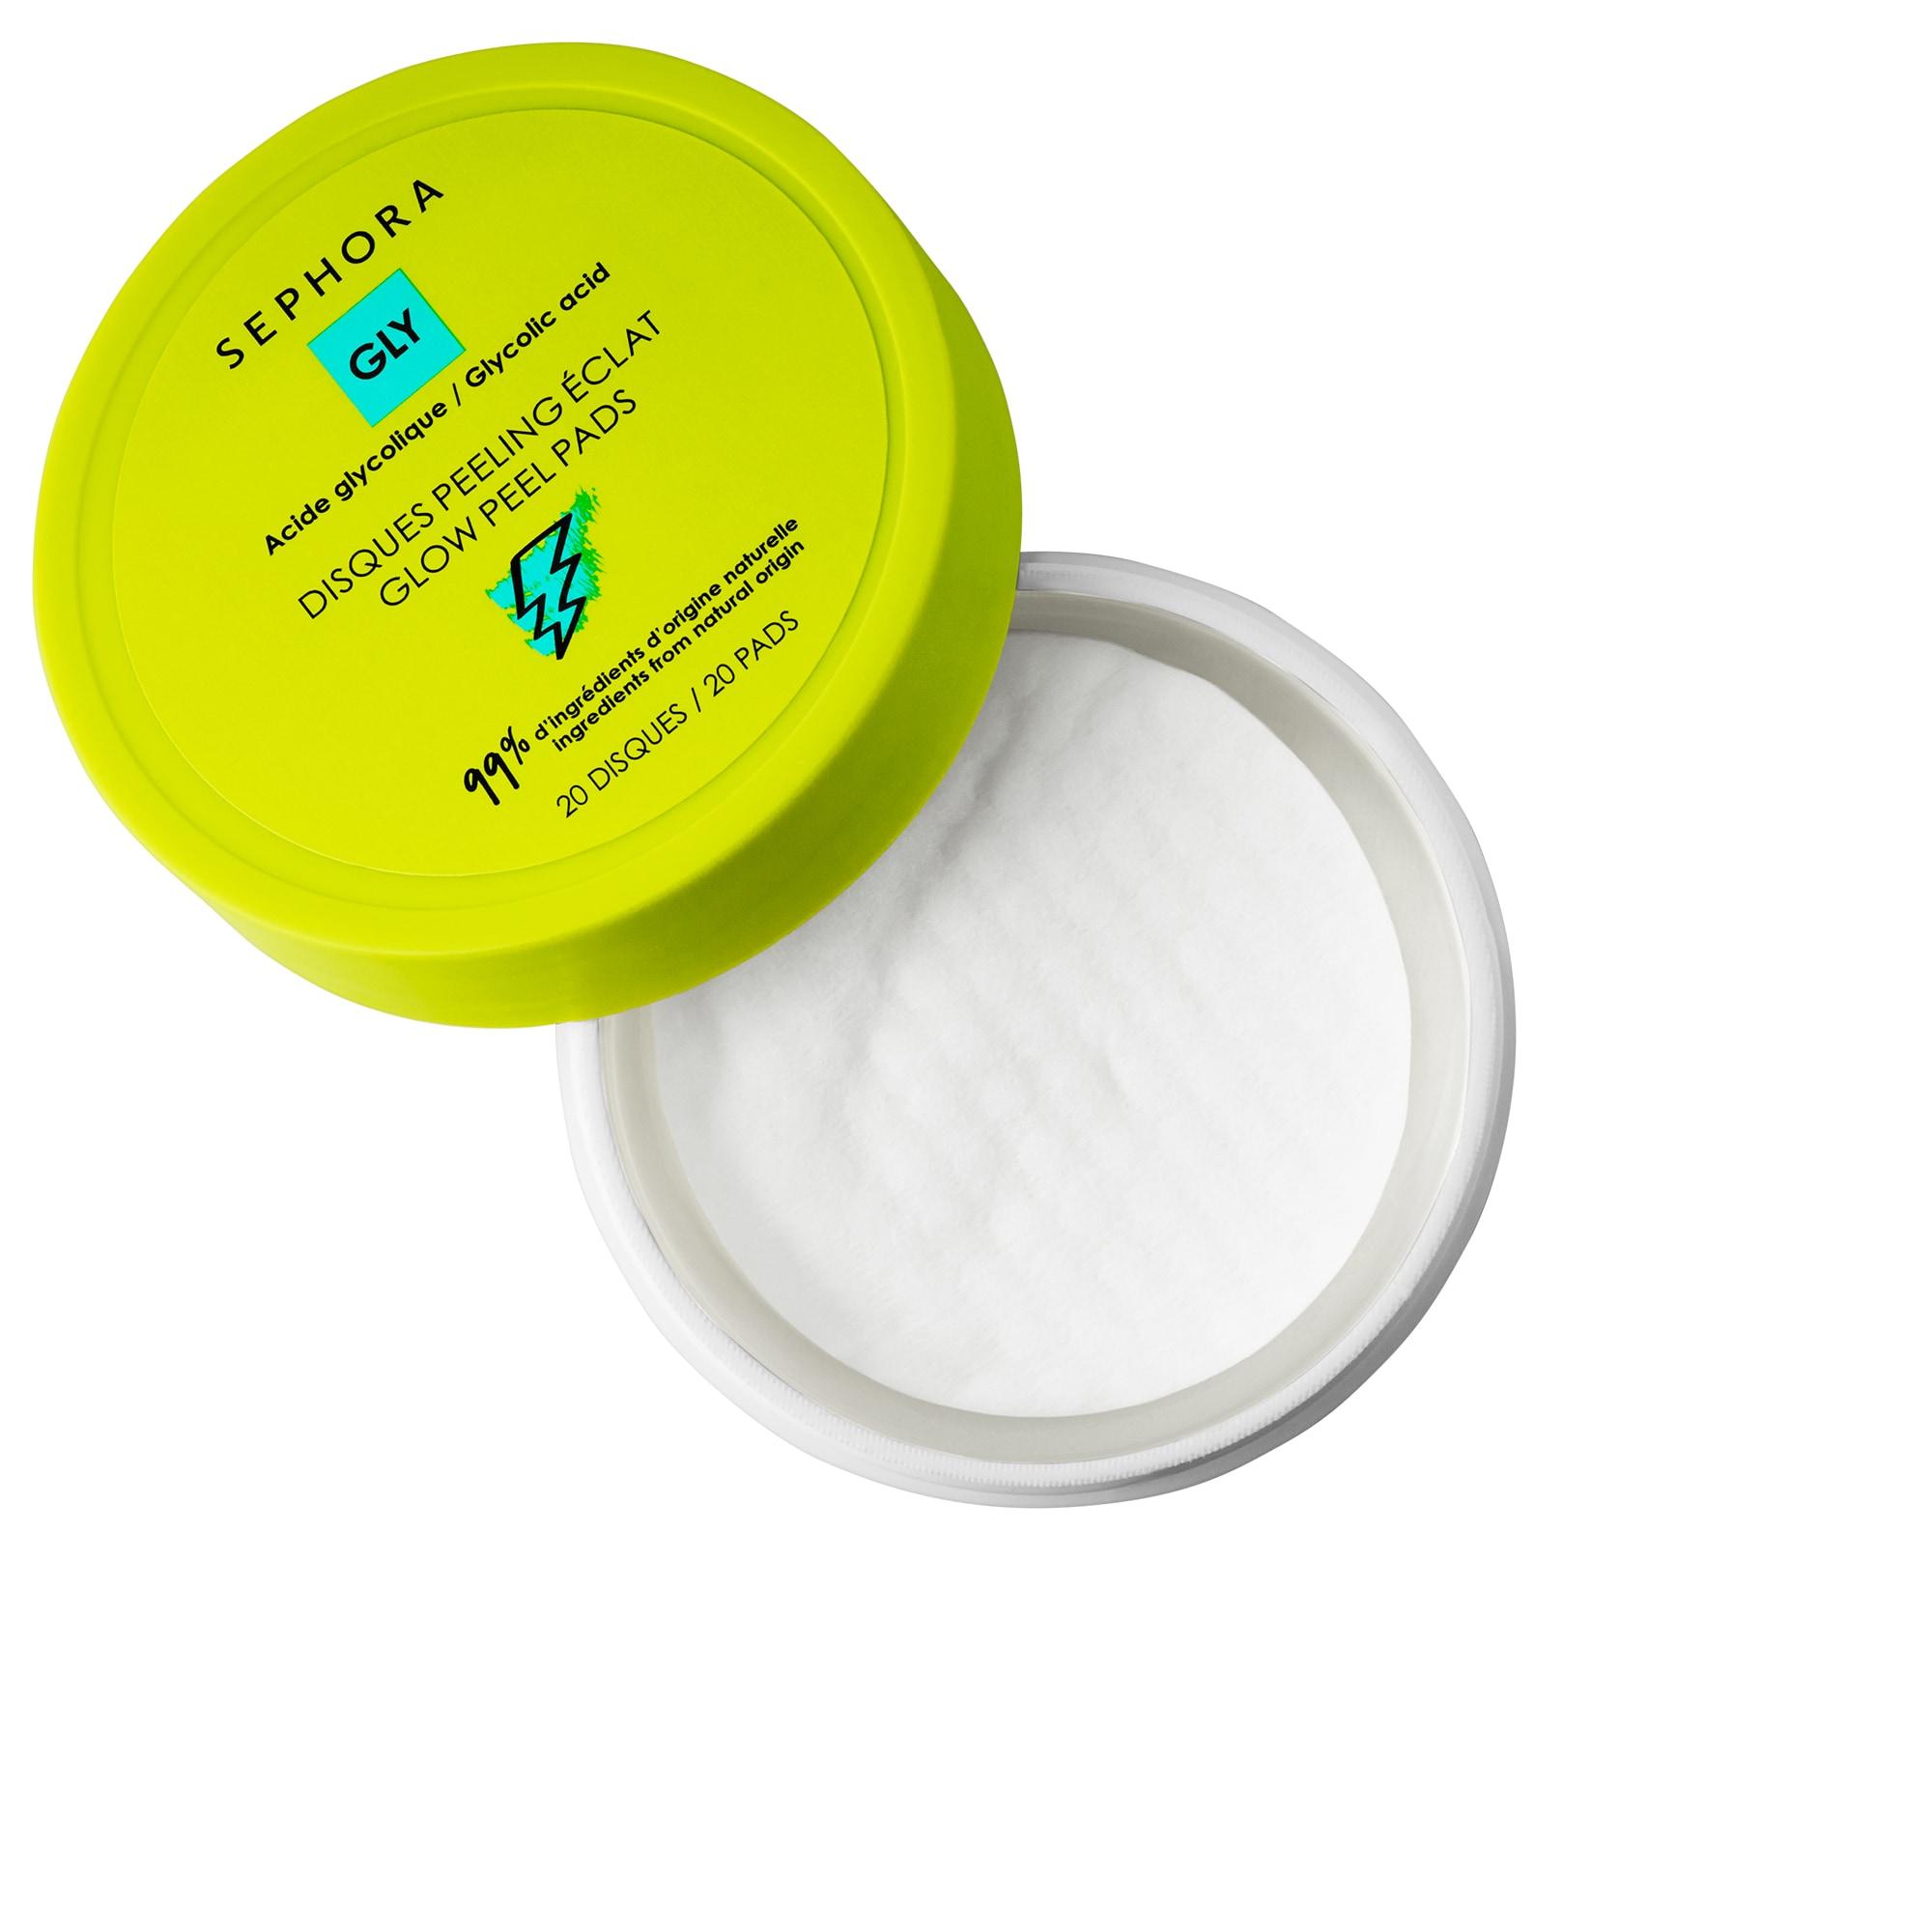 Sephora Collection - Mini Glow Peel Pads